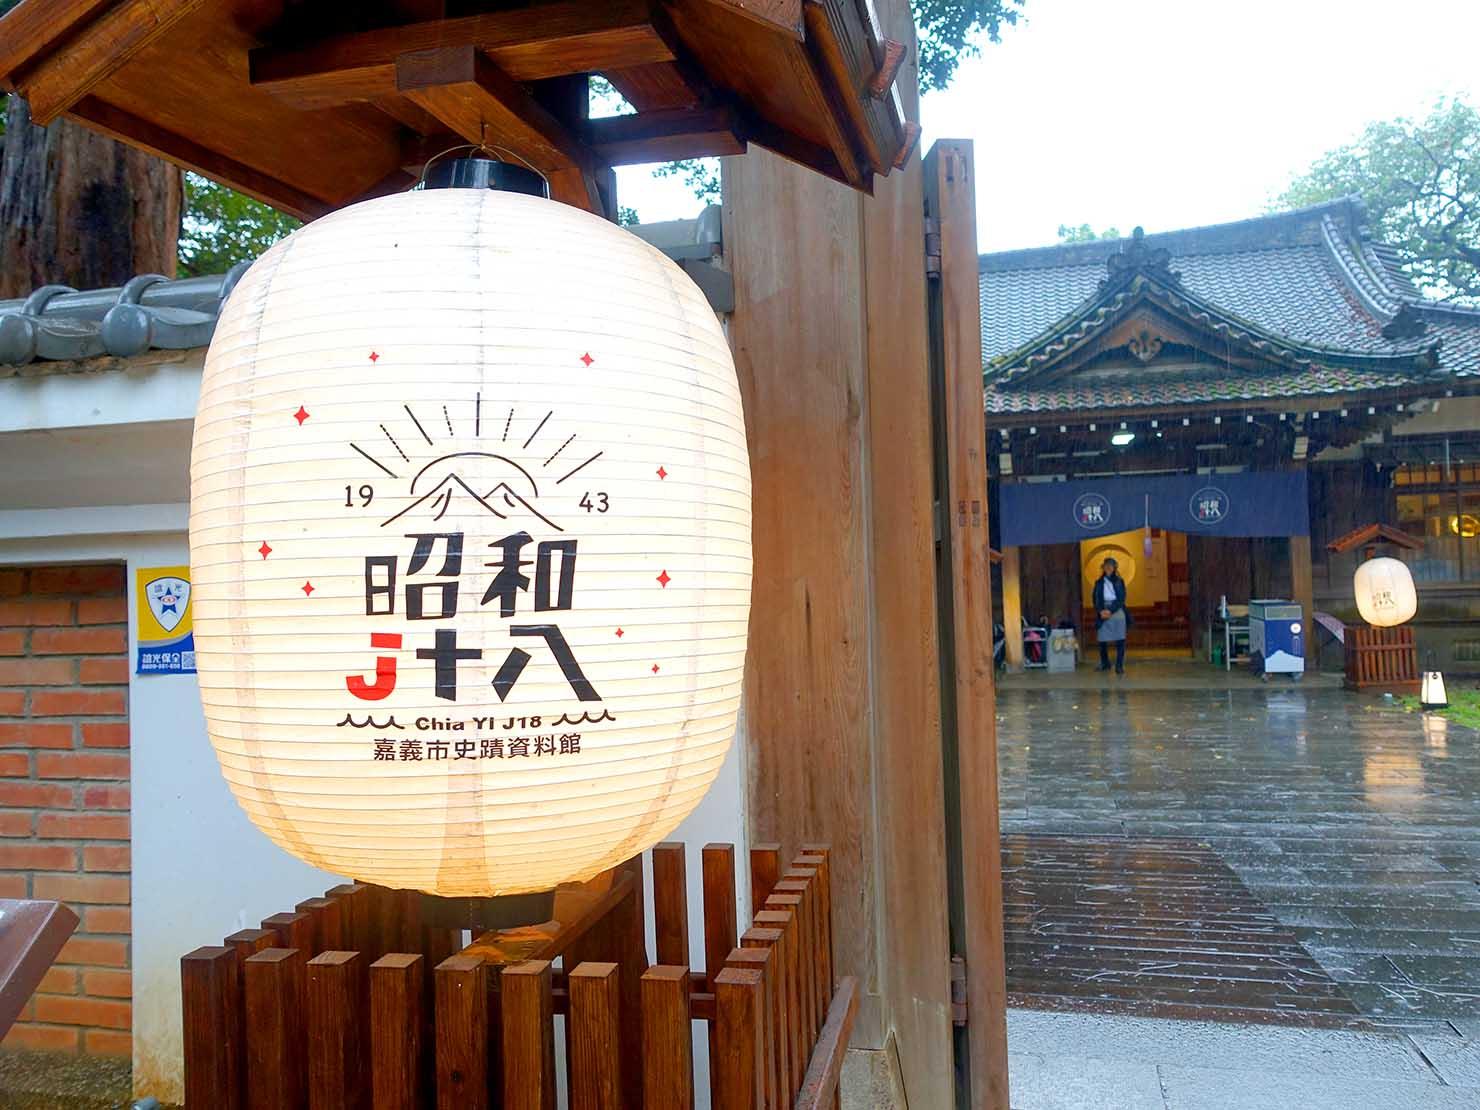 嘉義のおすすめ観光スポット「嘉義市史蹟資料館」の提灯